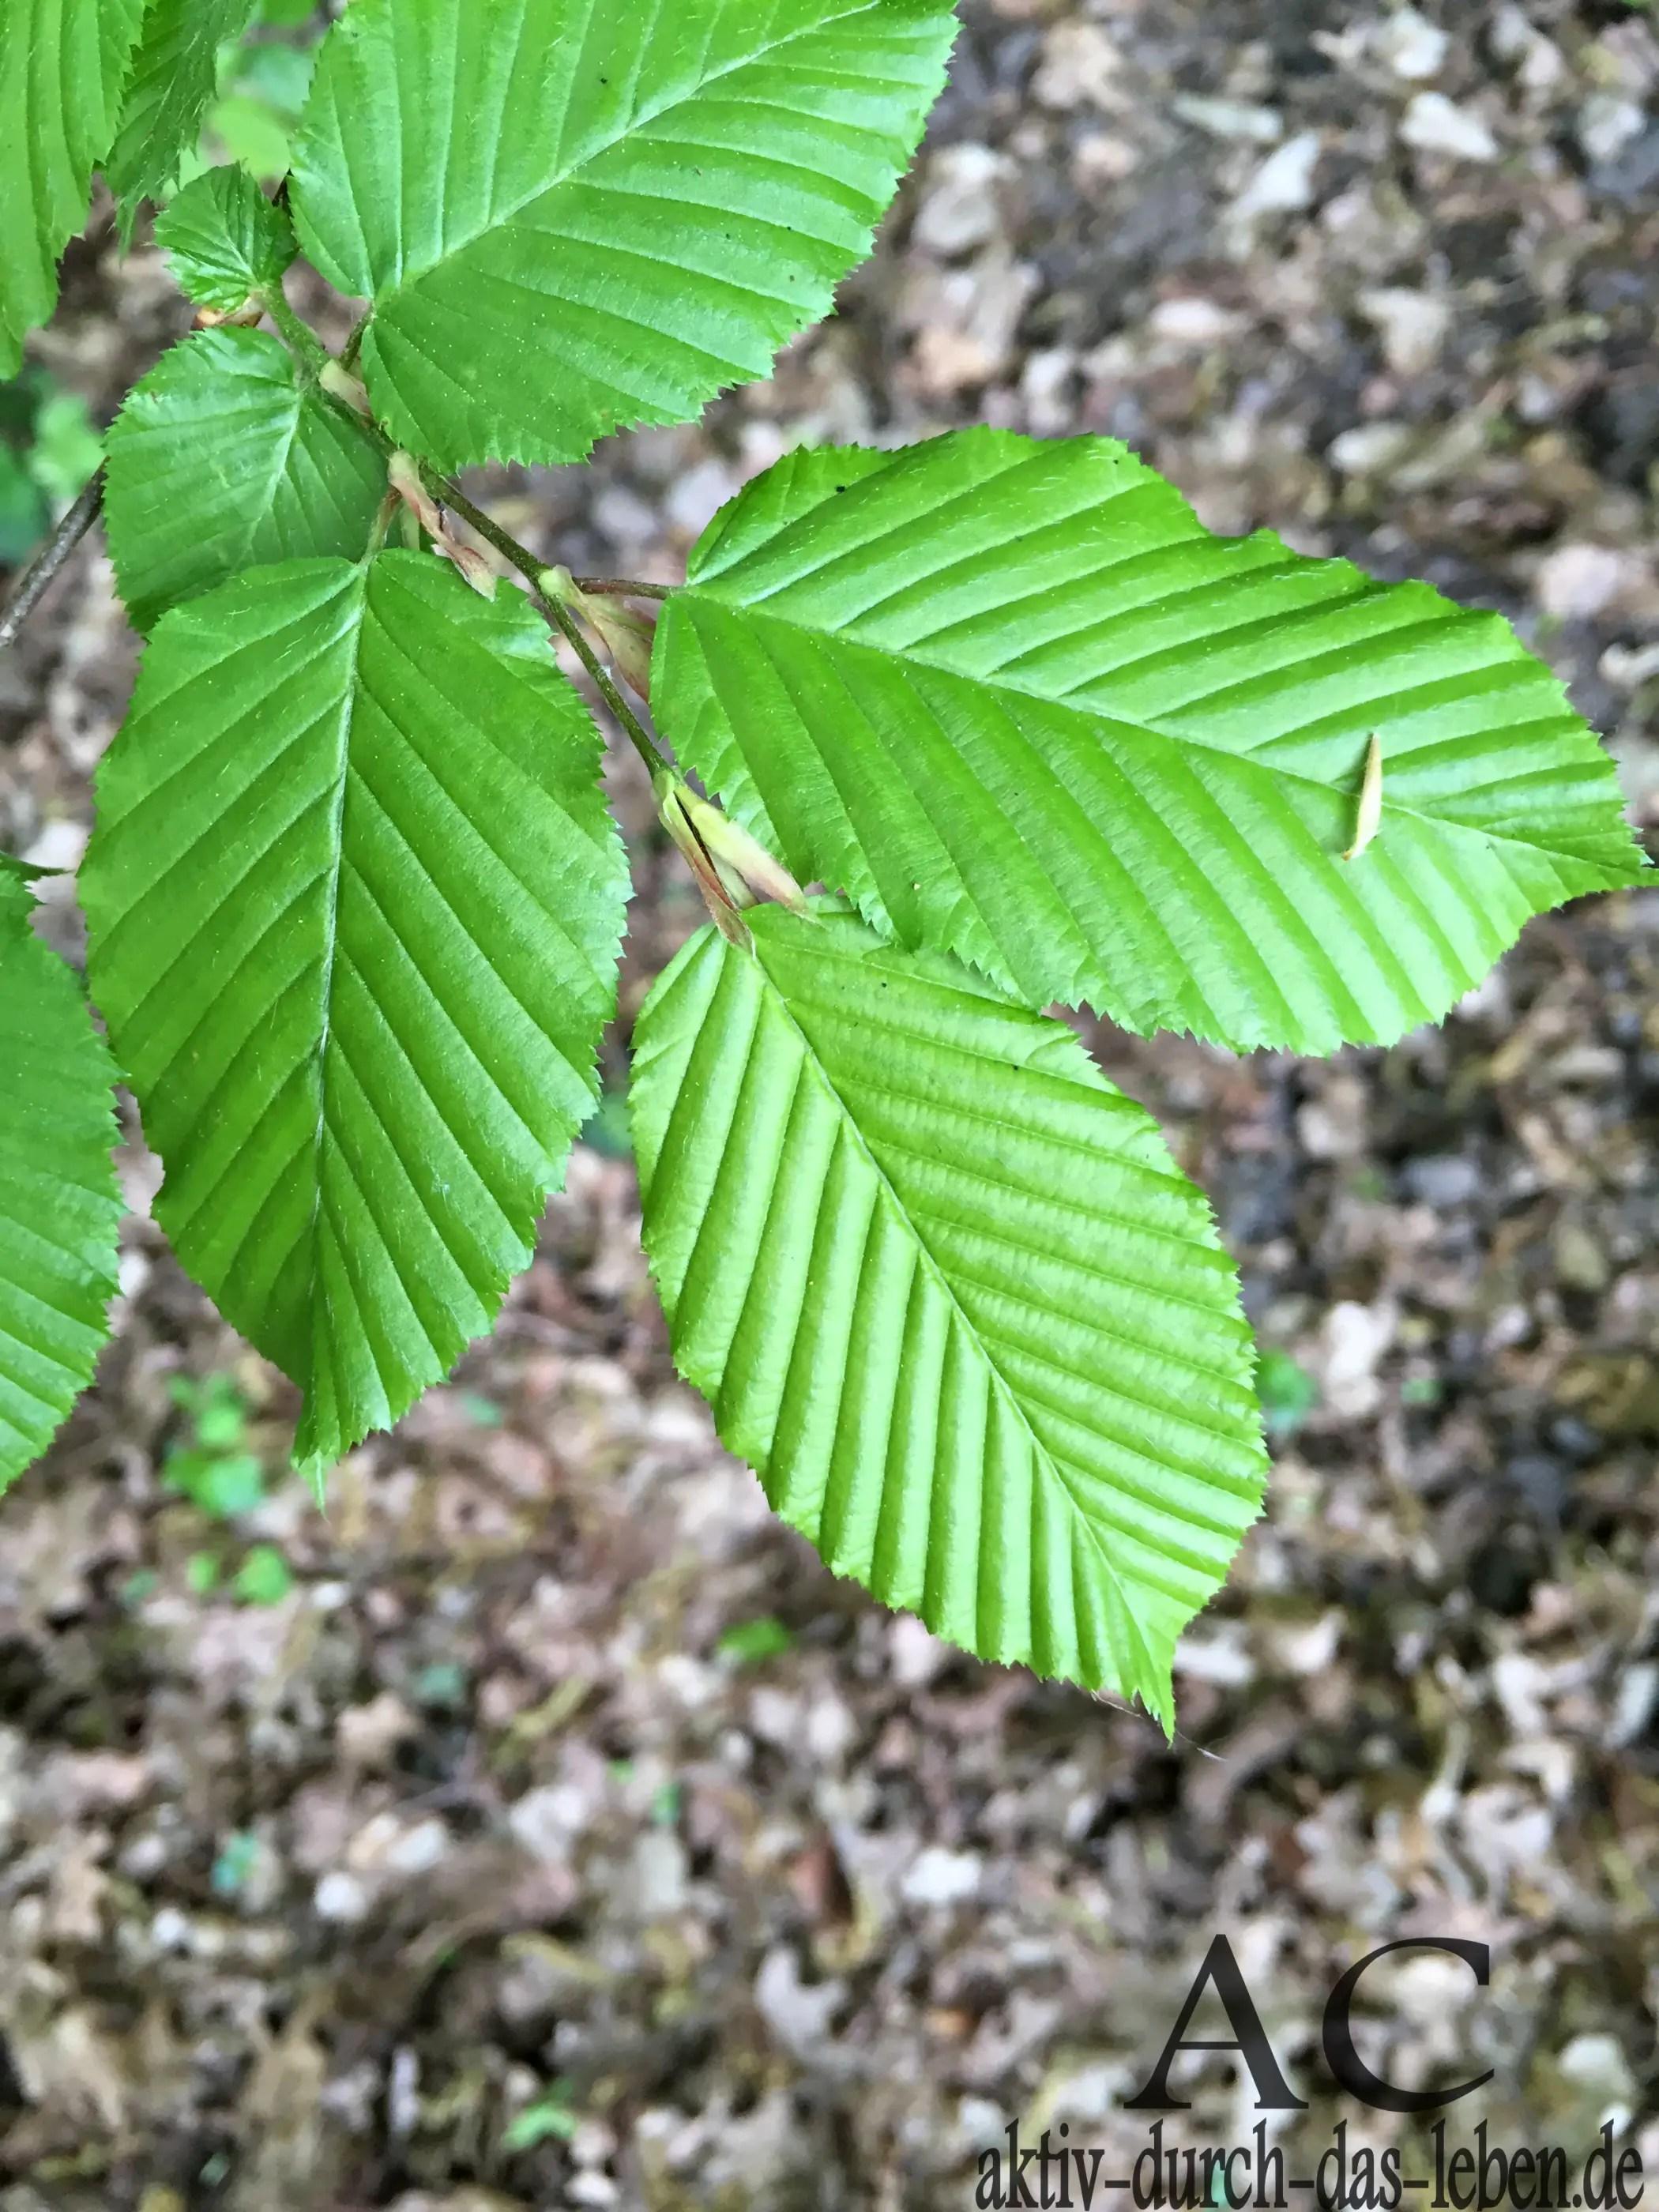 Geometrische Blätter. Die Natur schafft tolle Gebilde.